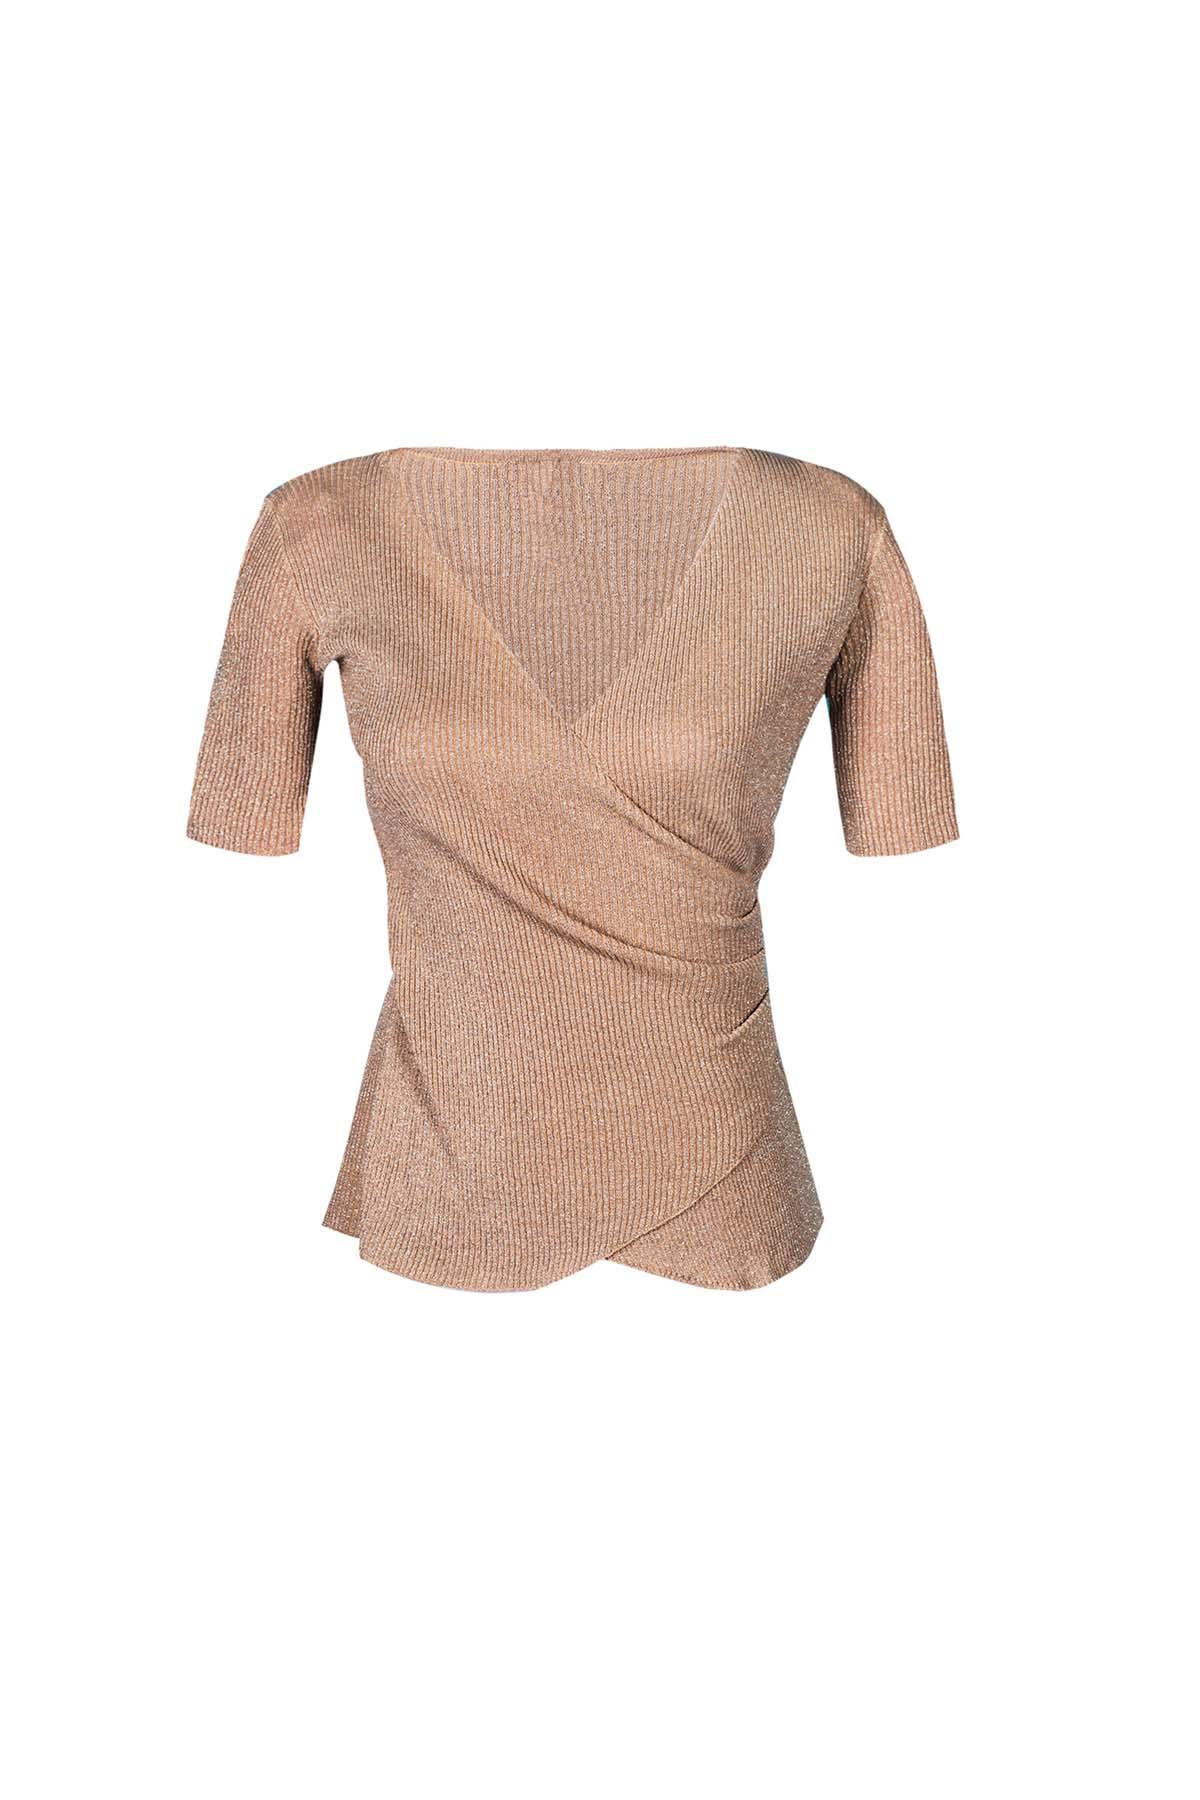 Teria Yabar - Jersey dorado de canalé